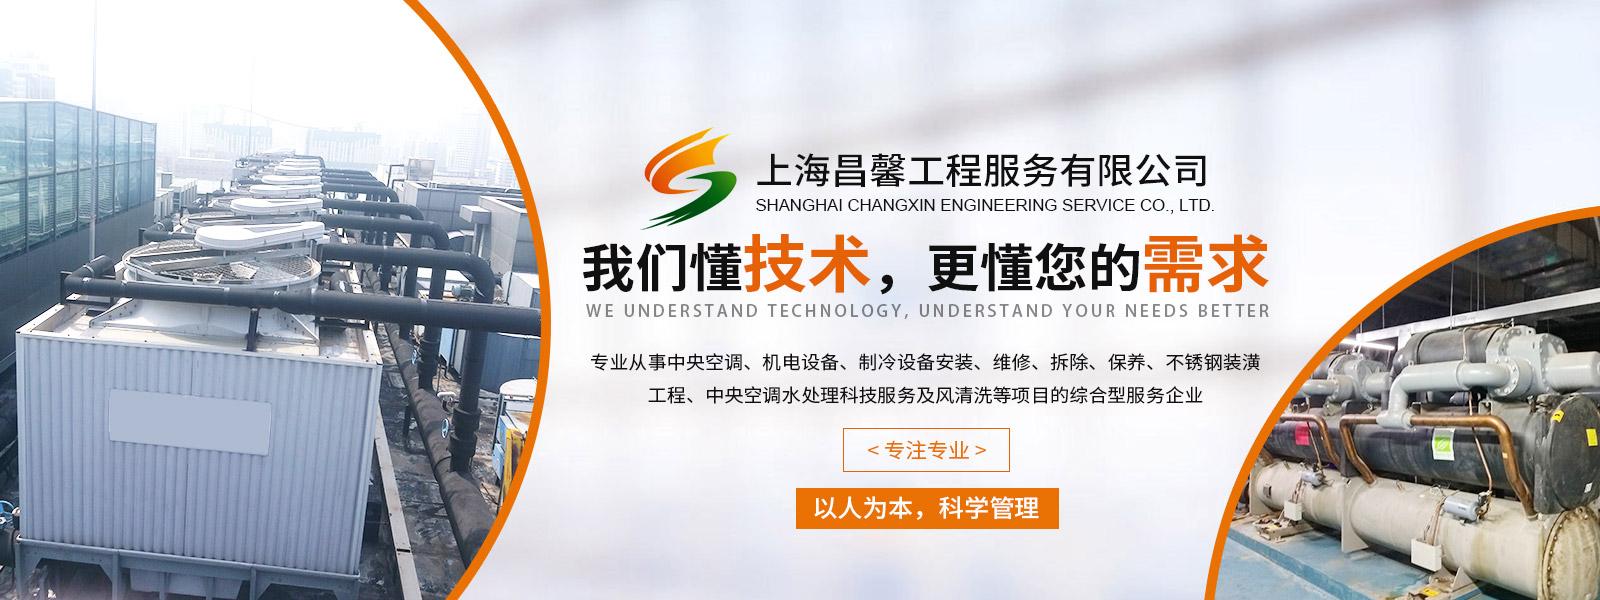 上海昌馨工程服务有限公司  021-58356760